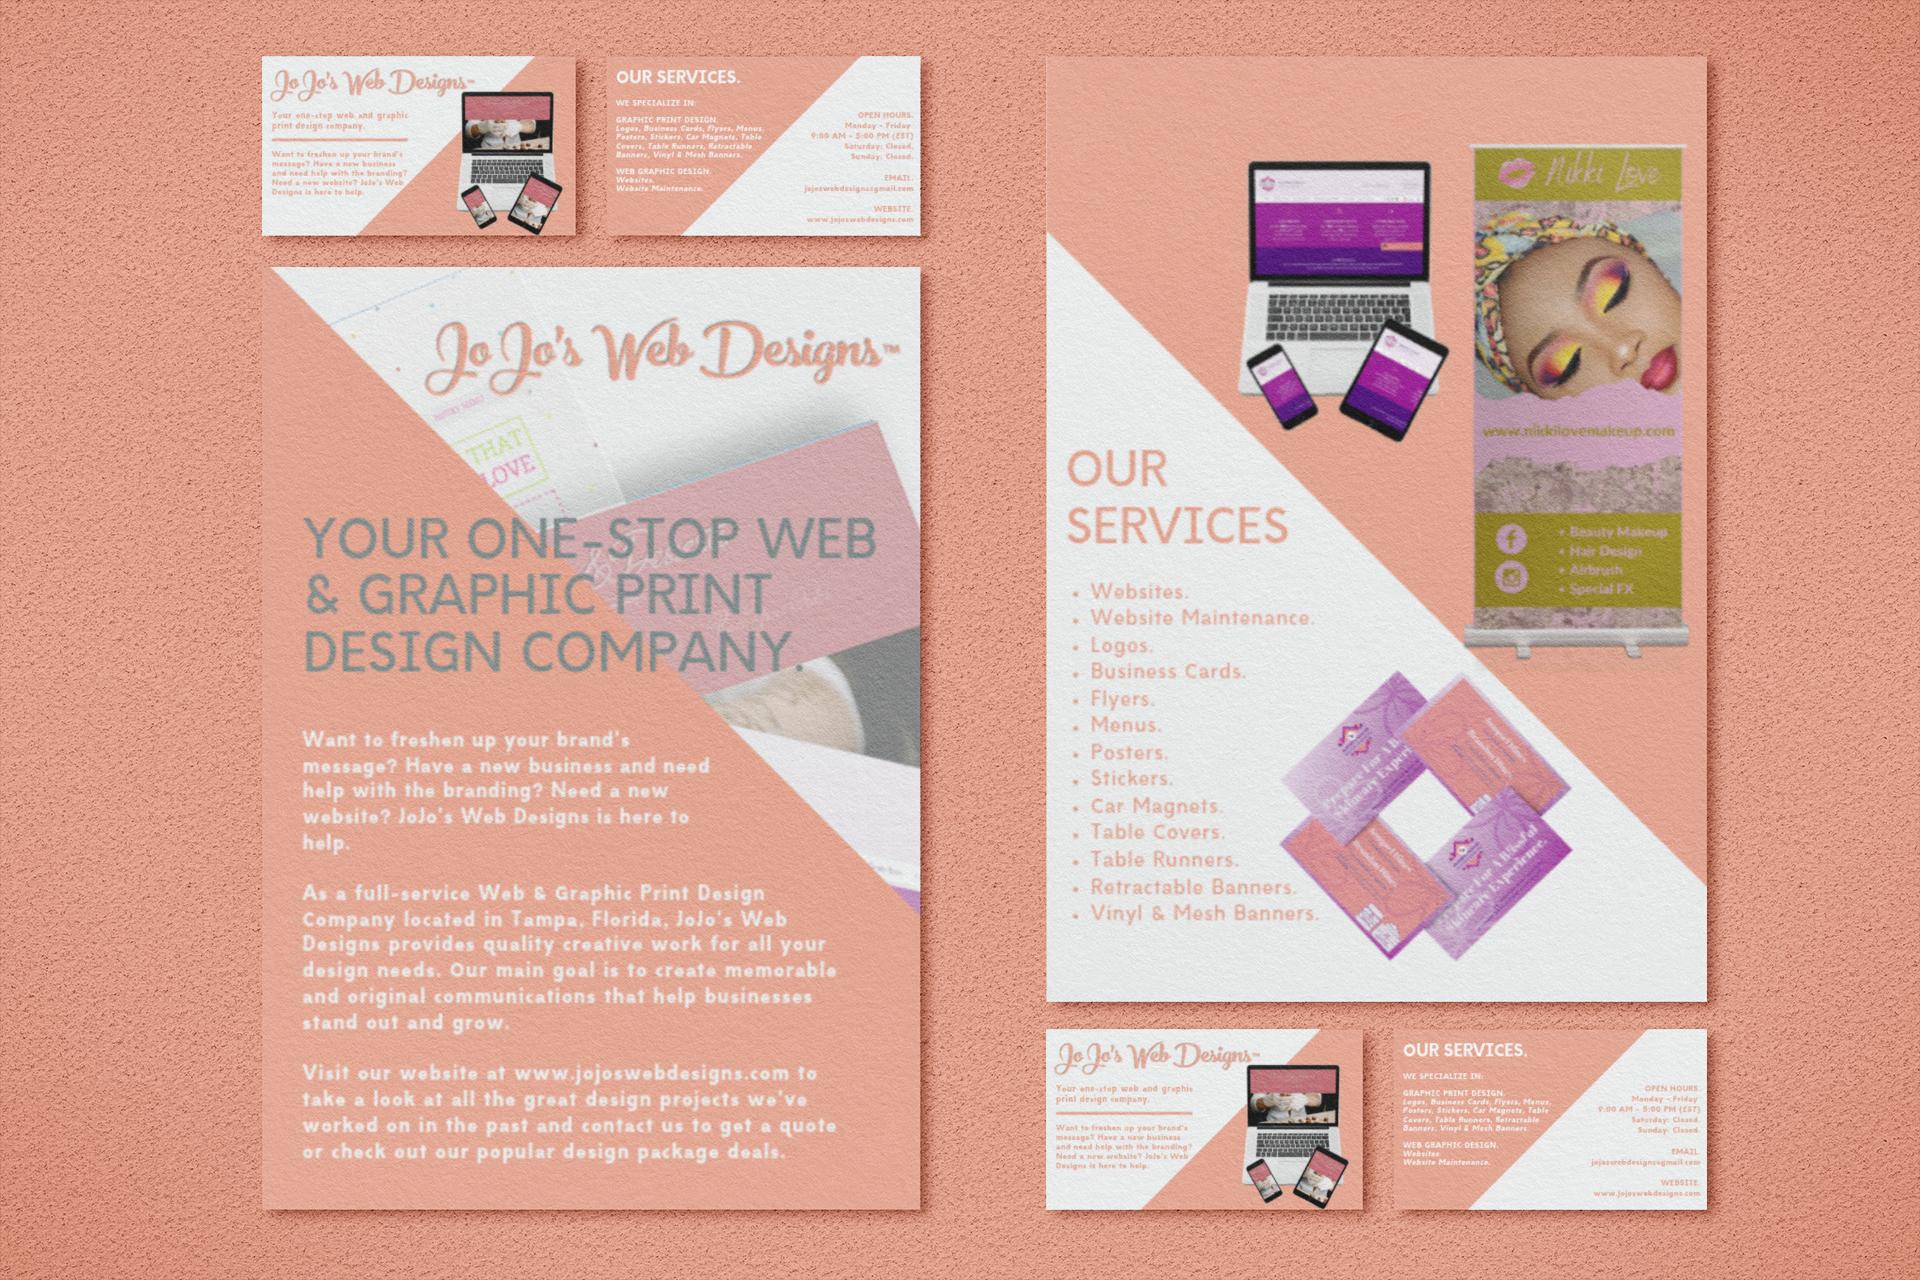 JoJo's Web Designs.